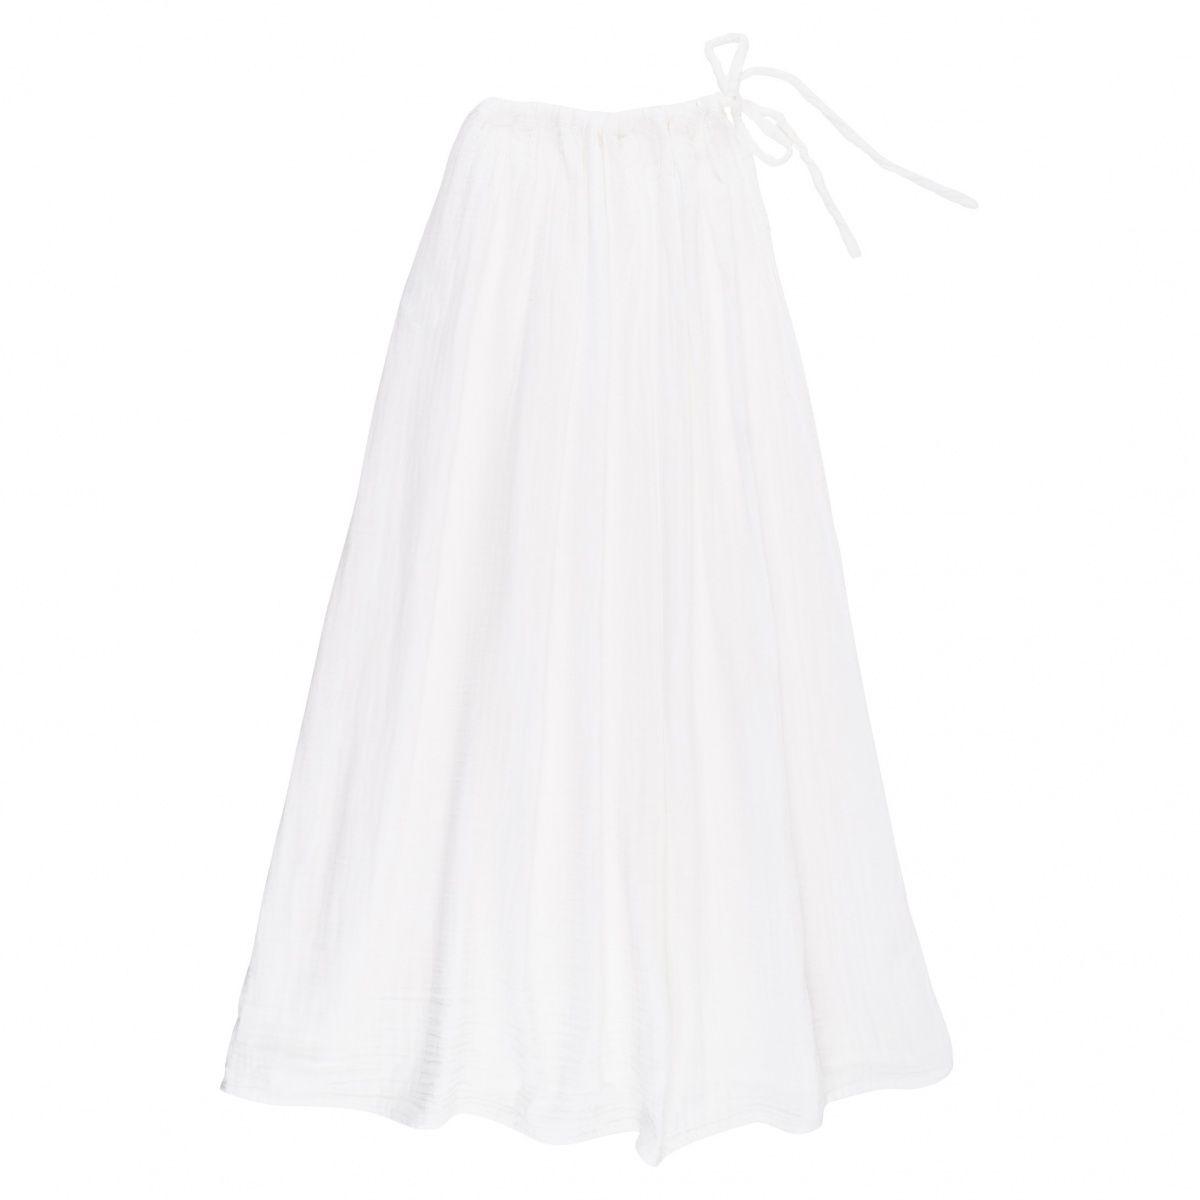 Poważne Numero 74   Spódnica dla mamy Ava długa biała Wymiar L/XL Kolor Biały EH63